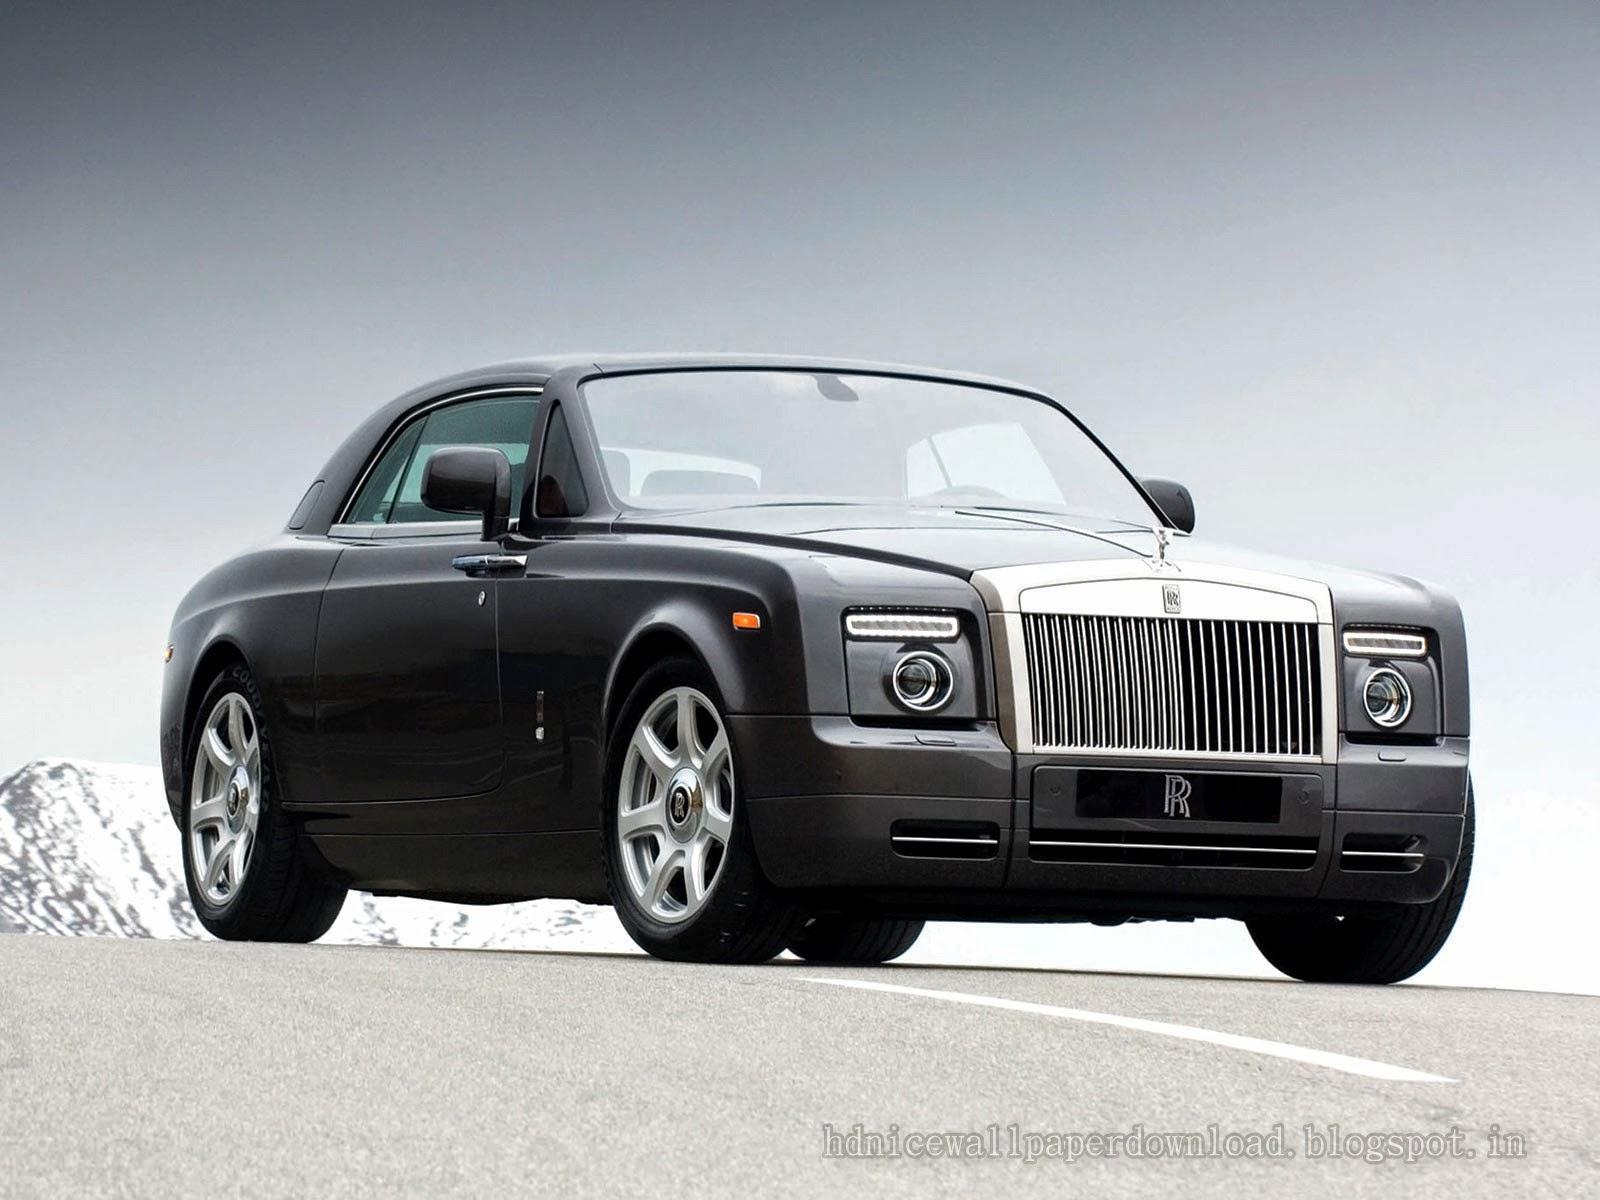 Rolls Royce Wallpapers Rolls Royce Car Pictures Rolls Royce Hd